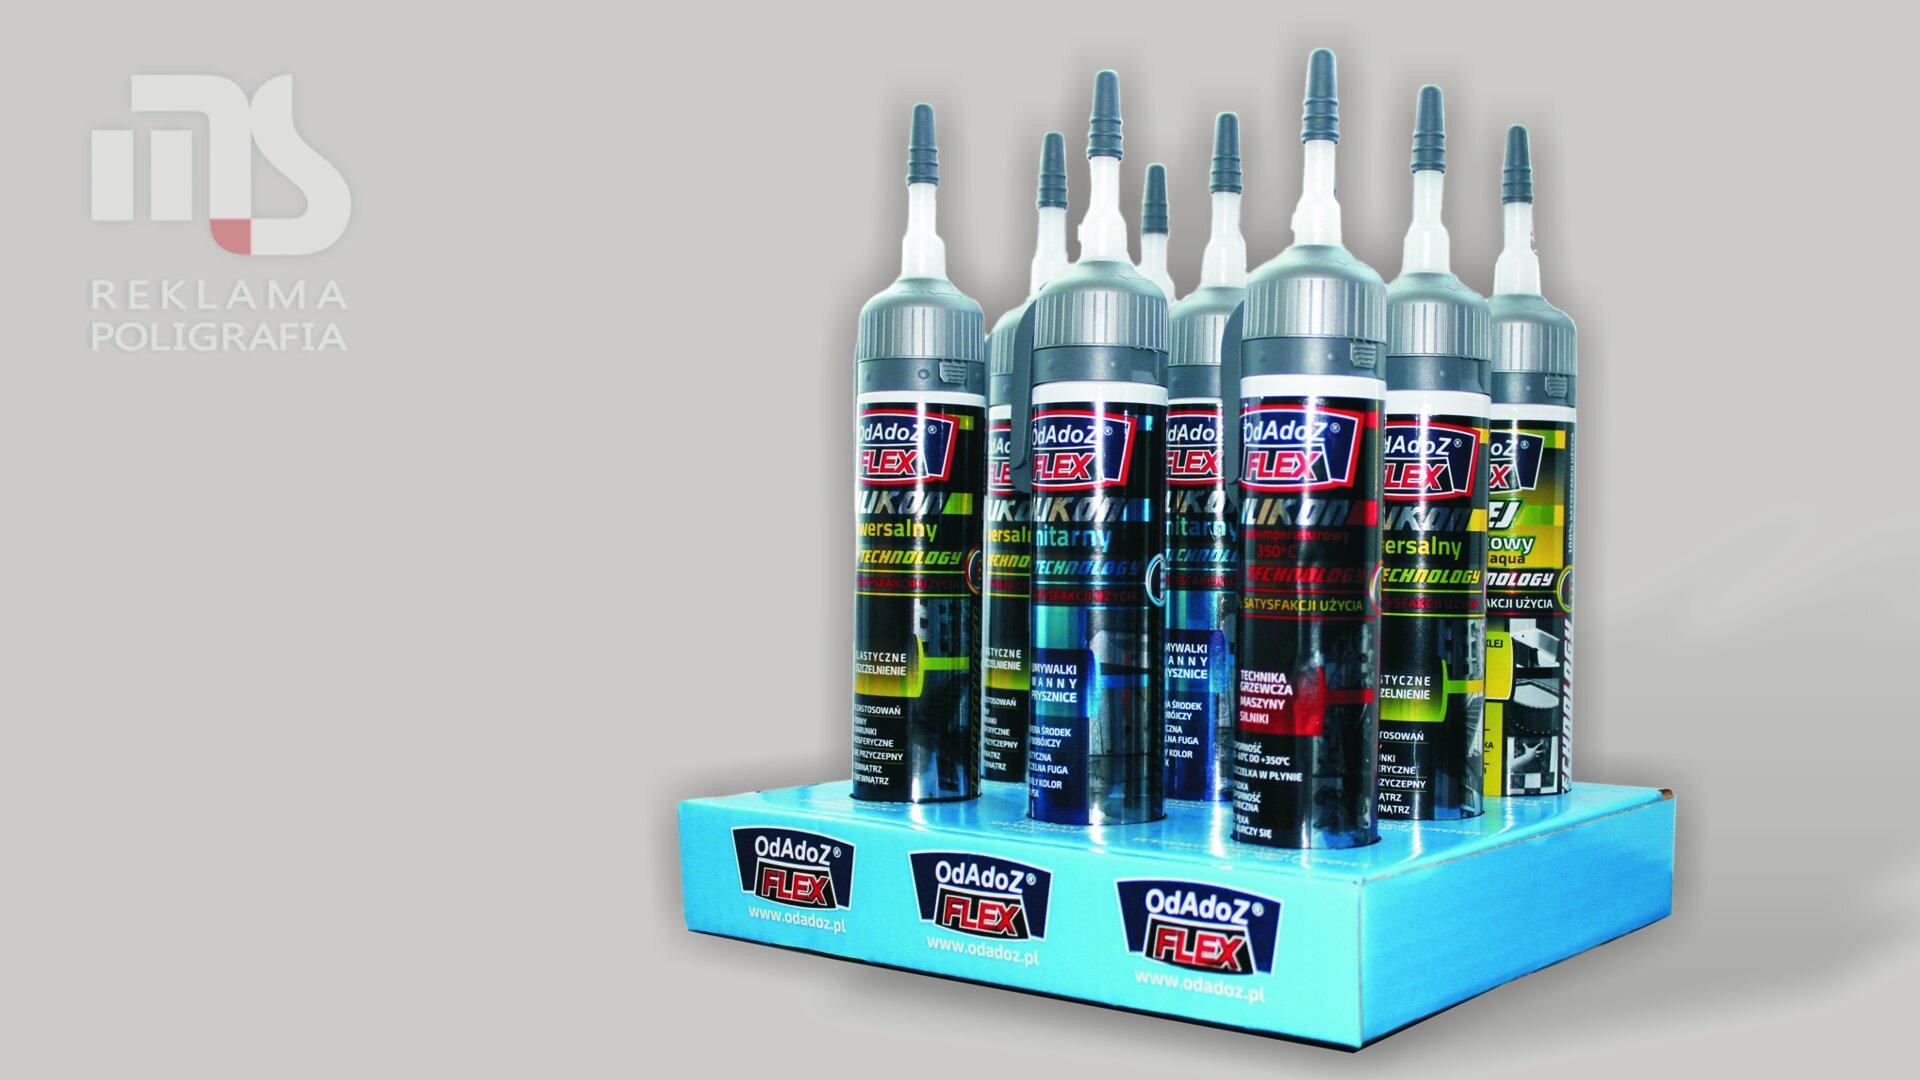 2021 15 targi-1920x1080 px- stand silikony